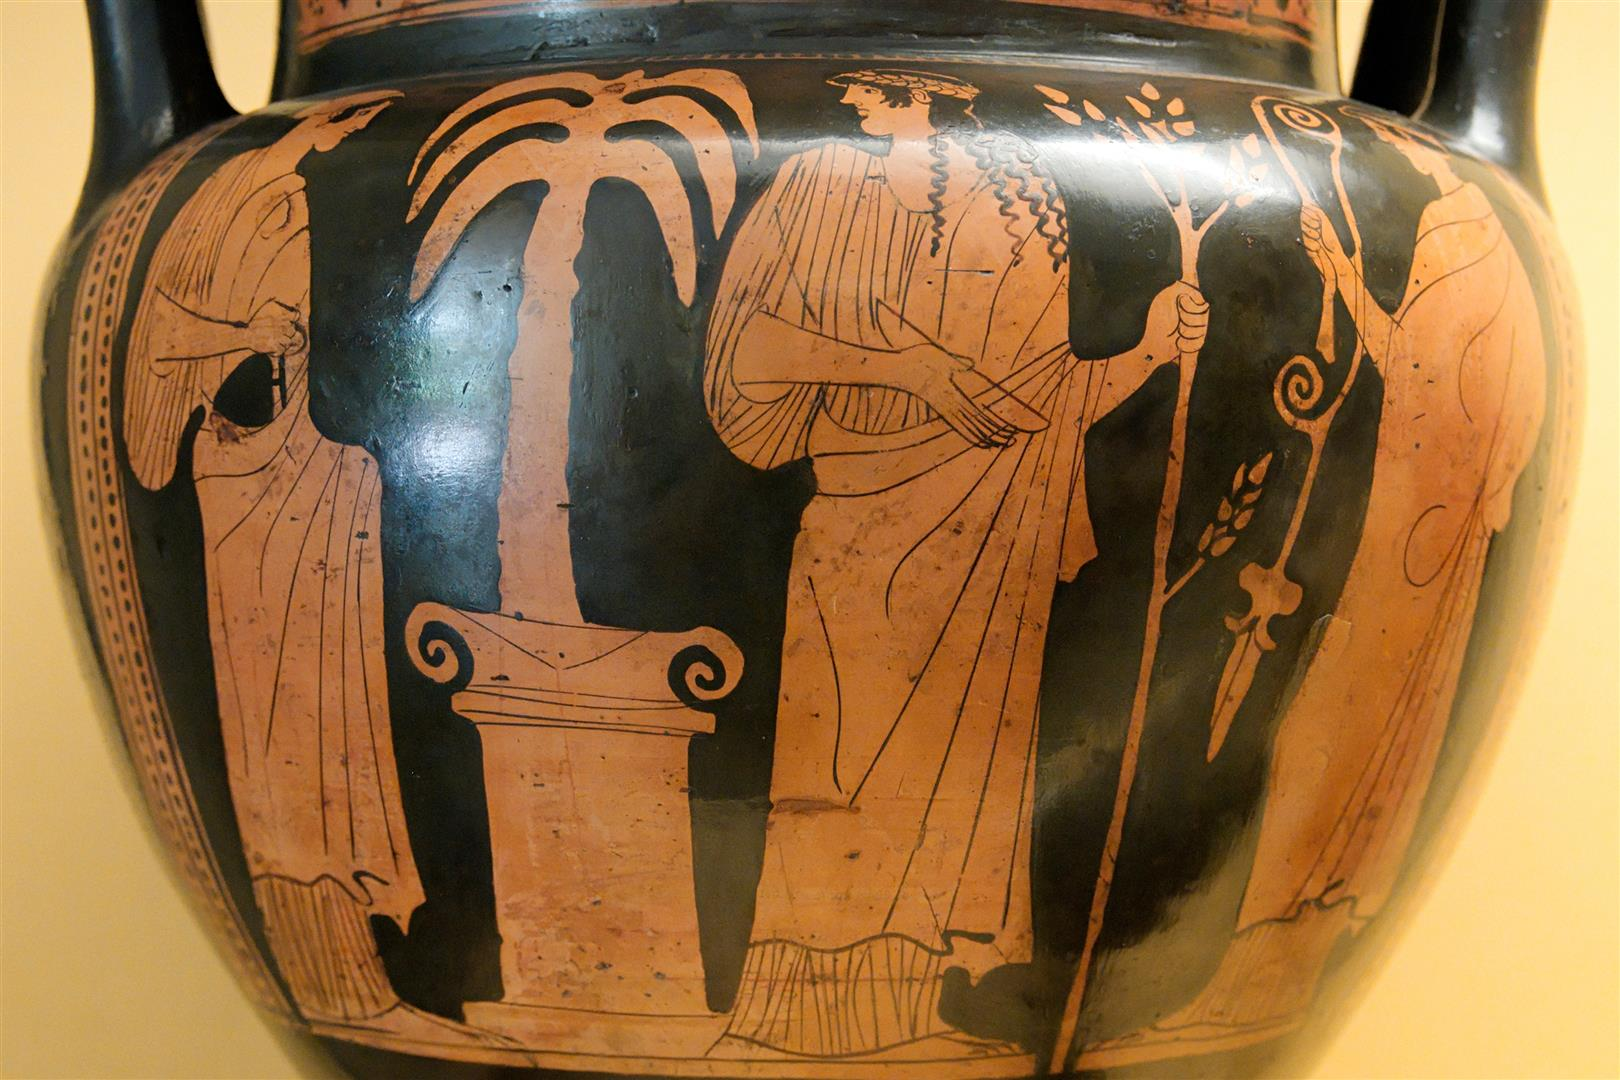 Grece Delos Apollo Artemis ca 450 BC. Musee archeologique national de Madrid